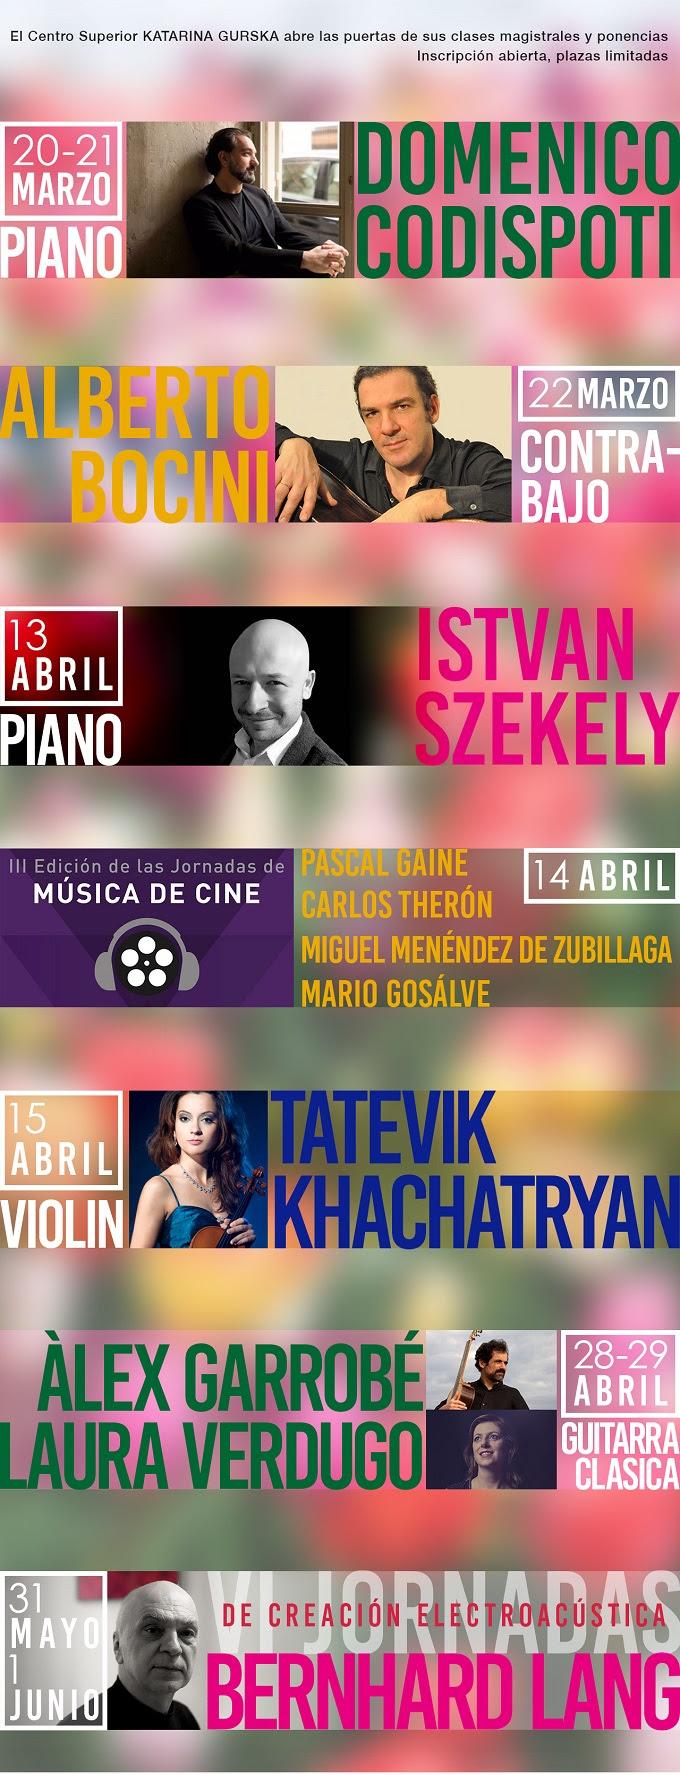 centro superior de ensenanza musical katarina gurska  Una atractiva oferta de clases magistrales de interpretación, ponencias, seminarios y talleres para arrancar la primavera